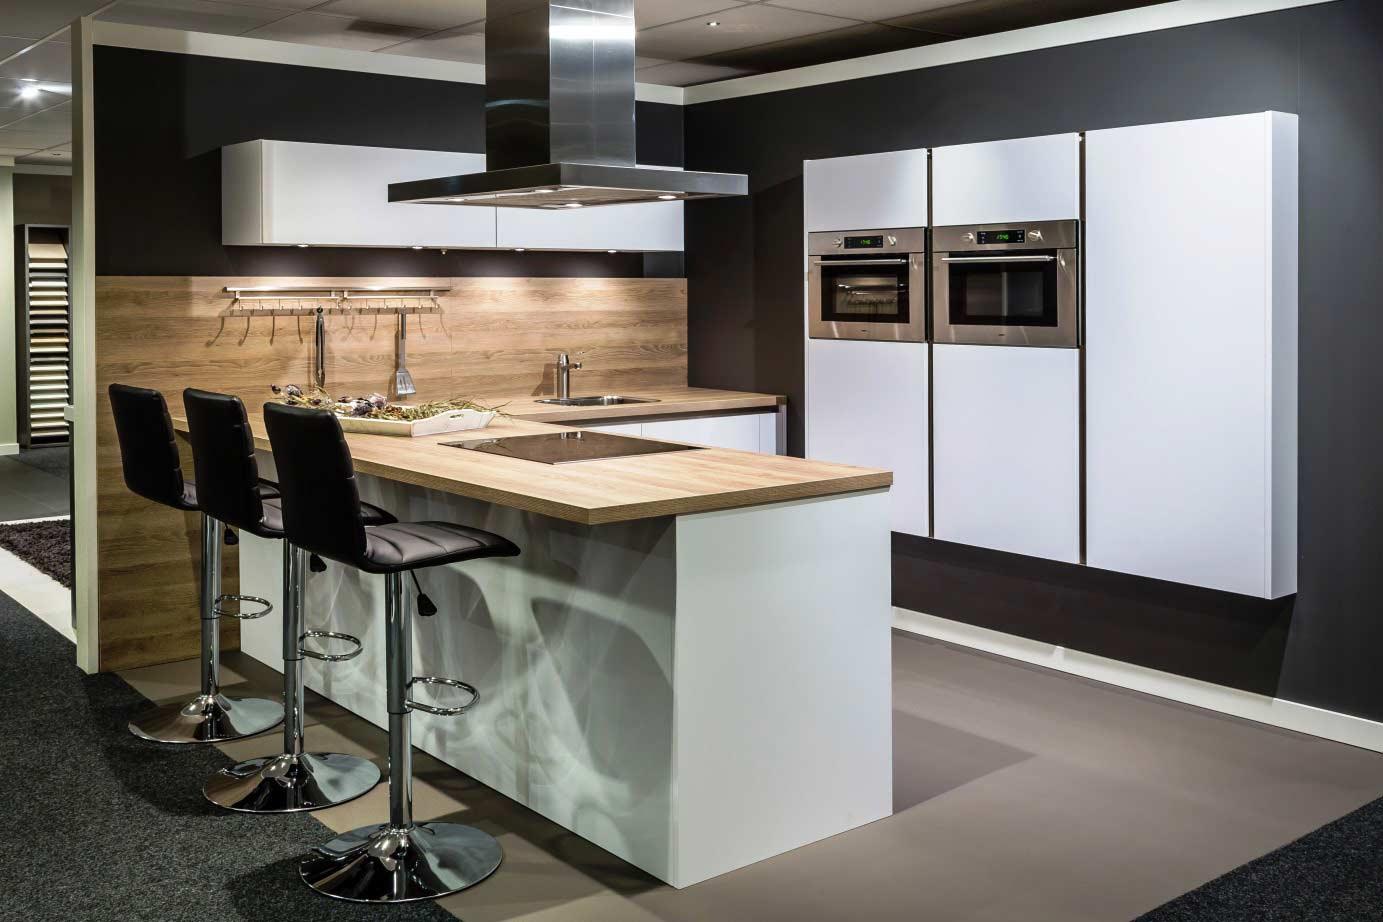 Kastenwand Keuken Te Koop : Greeploze keuken inclusief kastenwand. – DB Keukens